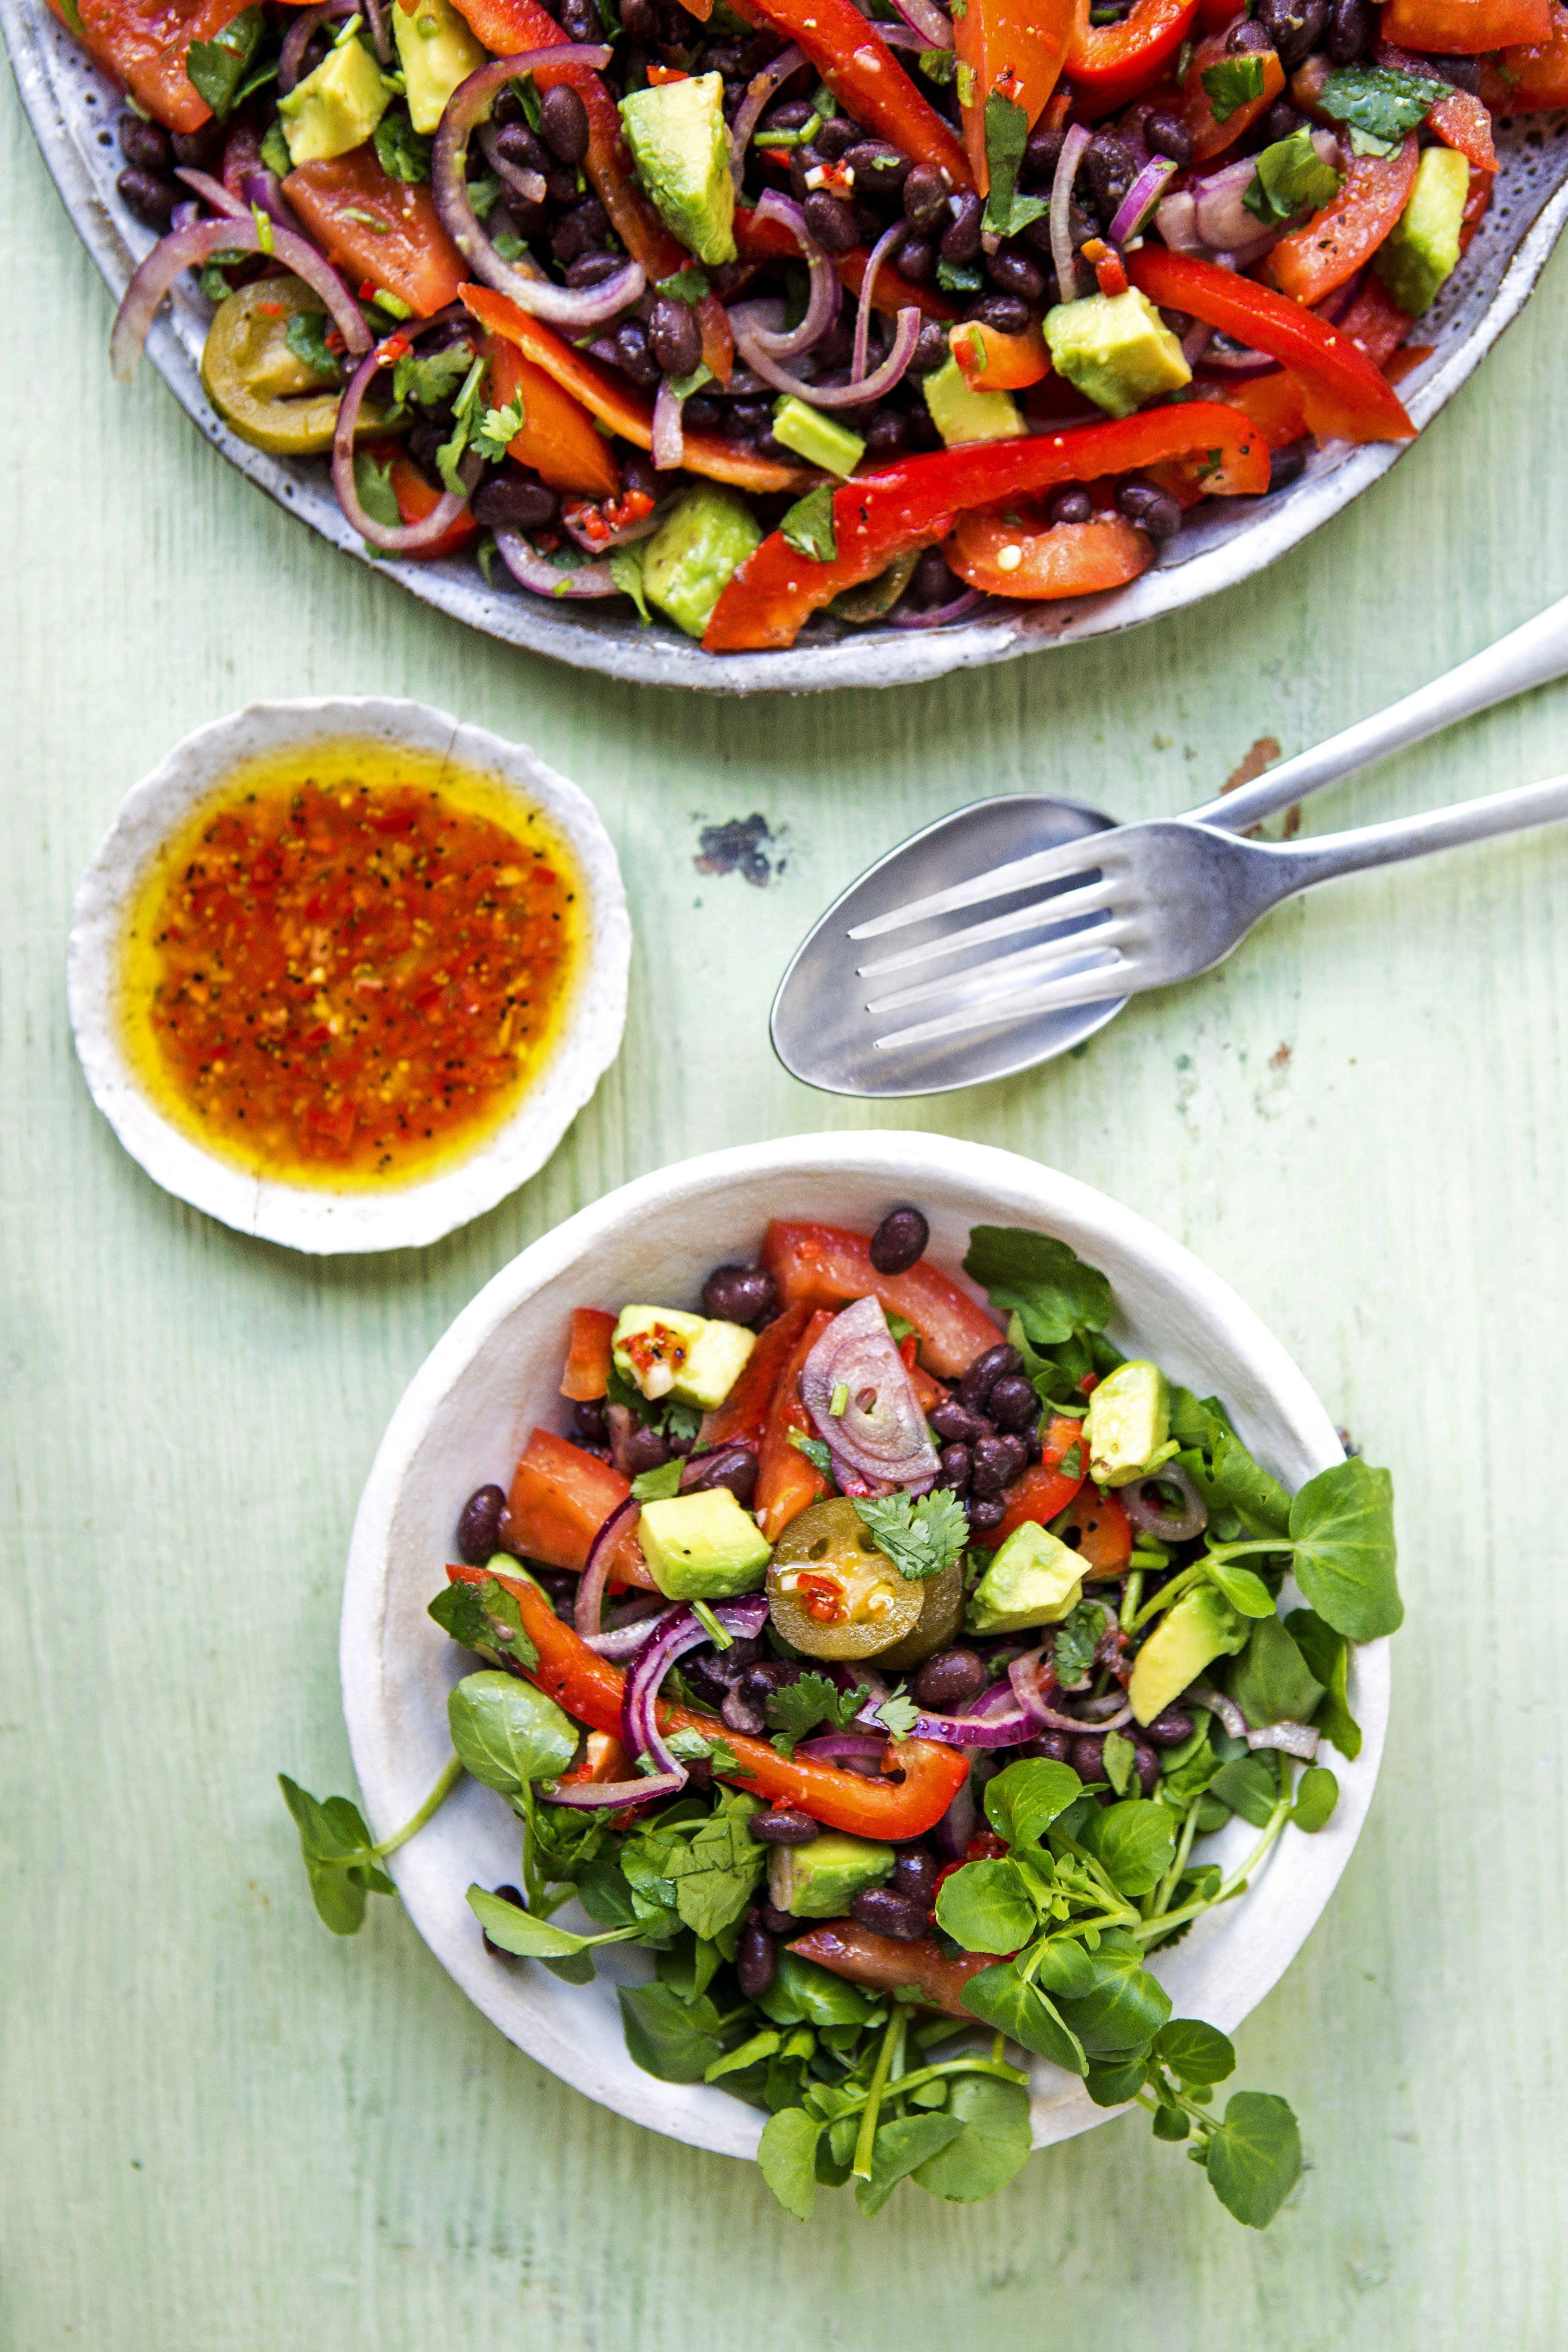 mit schwarzen Bohnen und Avocado Salat mit schwarzen Bohnen und Avocado,Salat mit schwarzen Bohnen